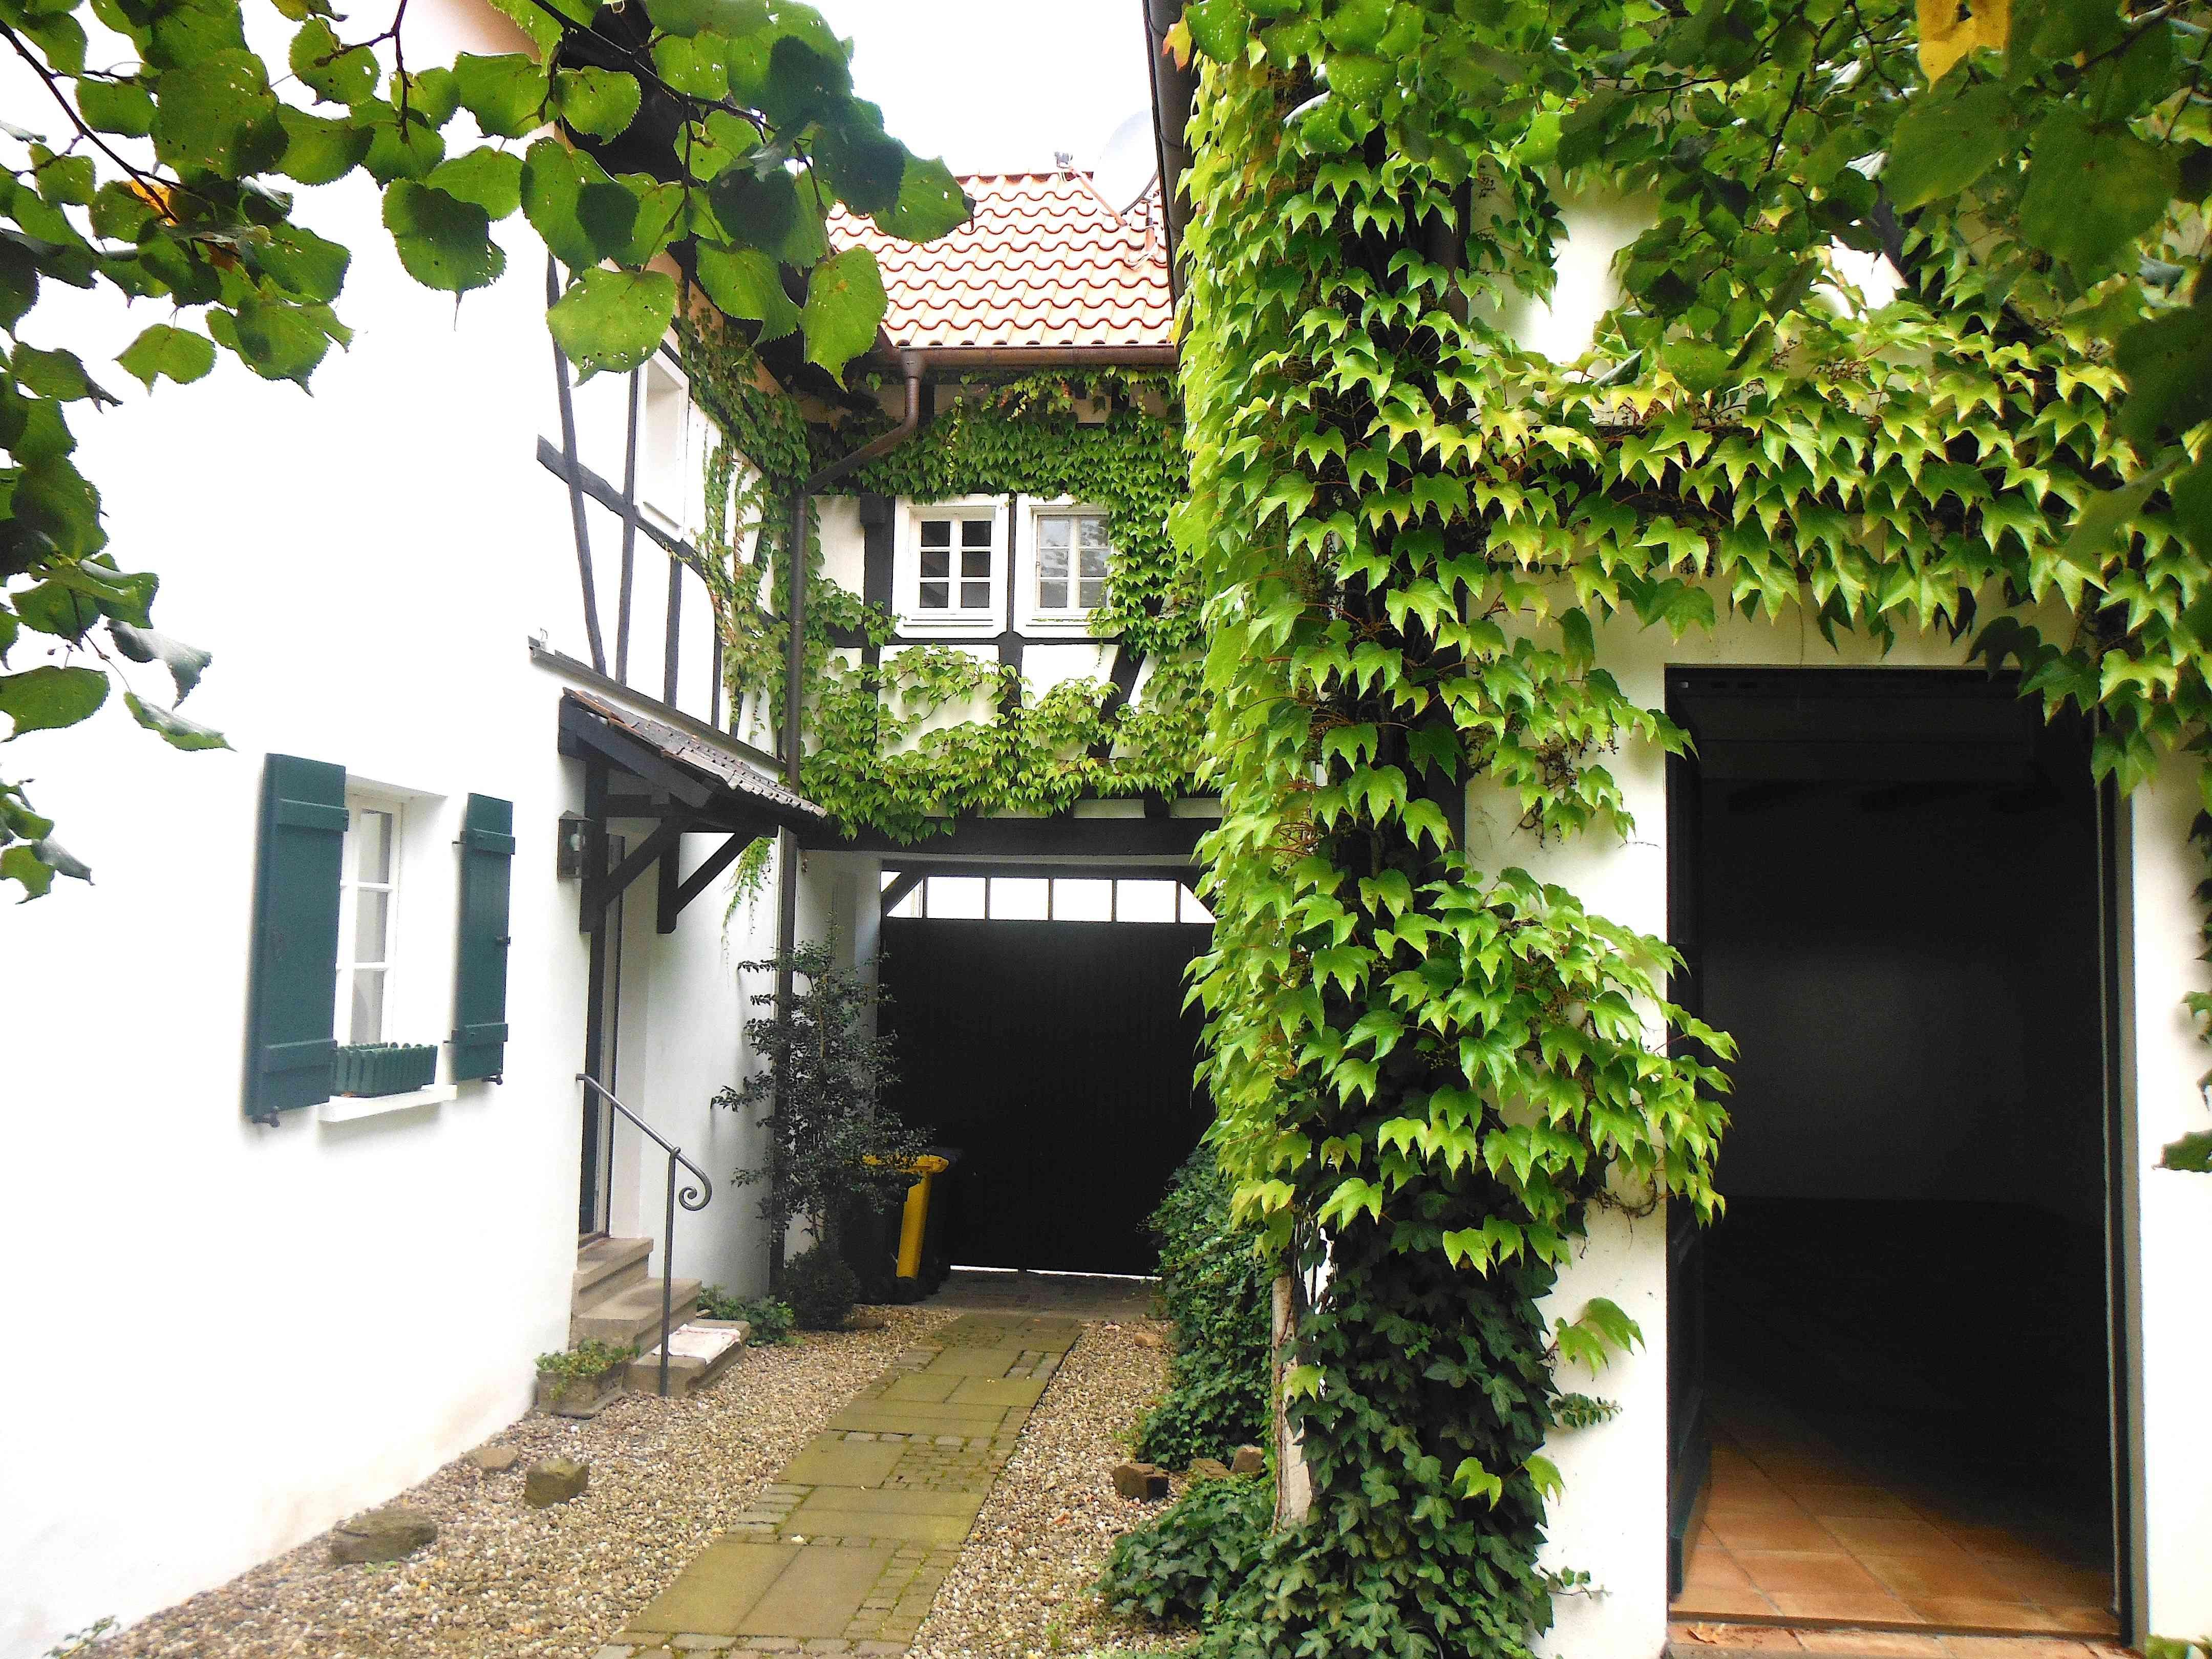 Hof-Gartenseite